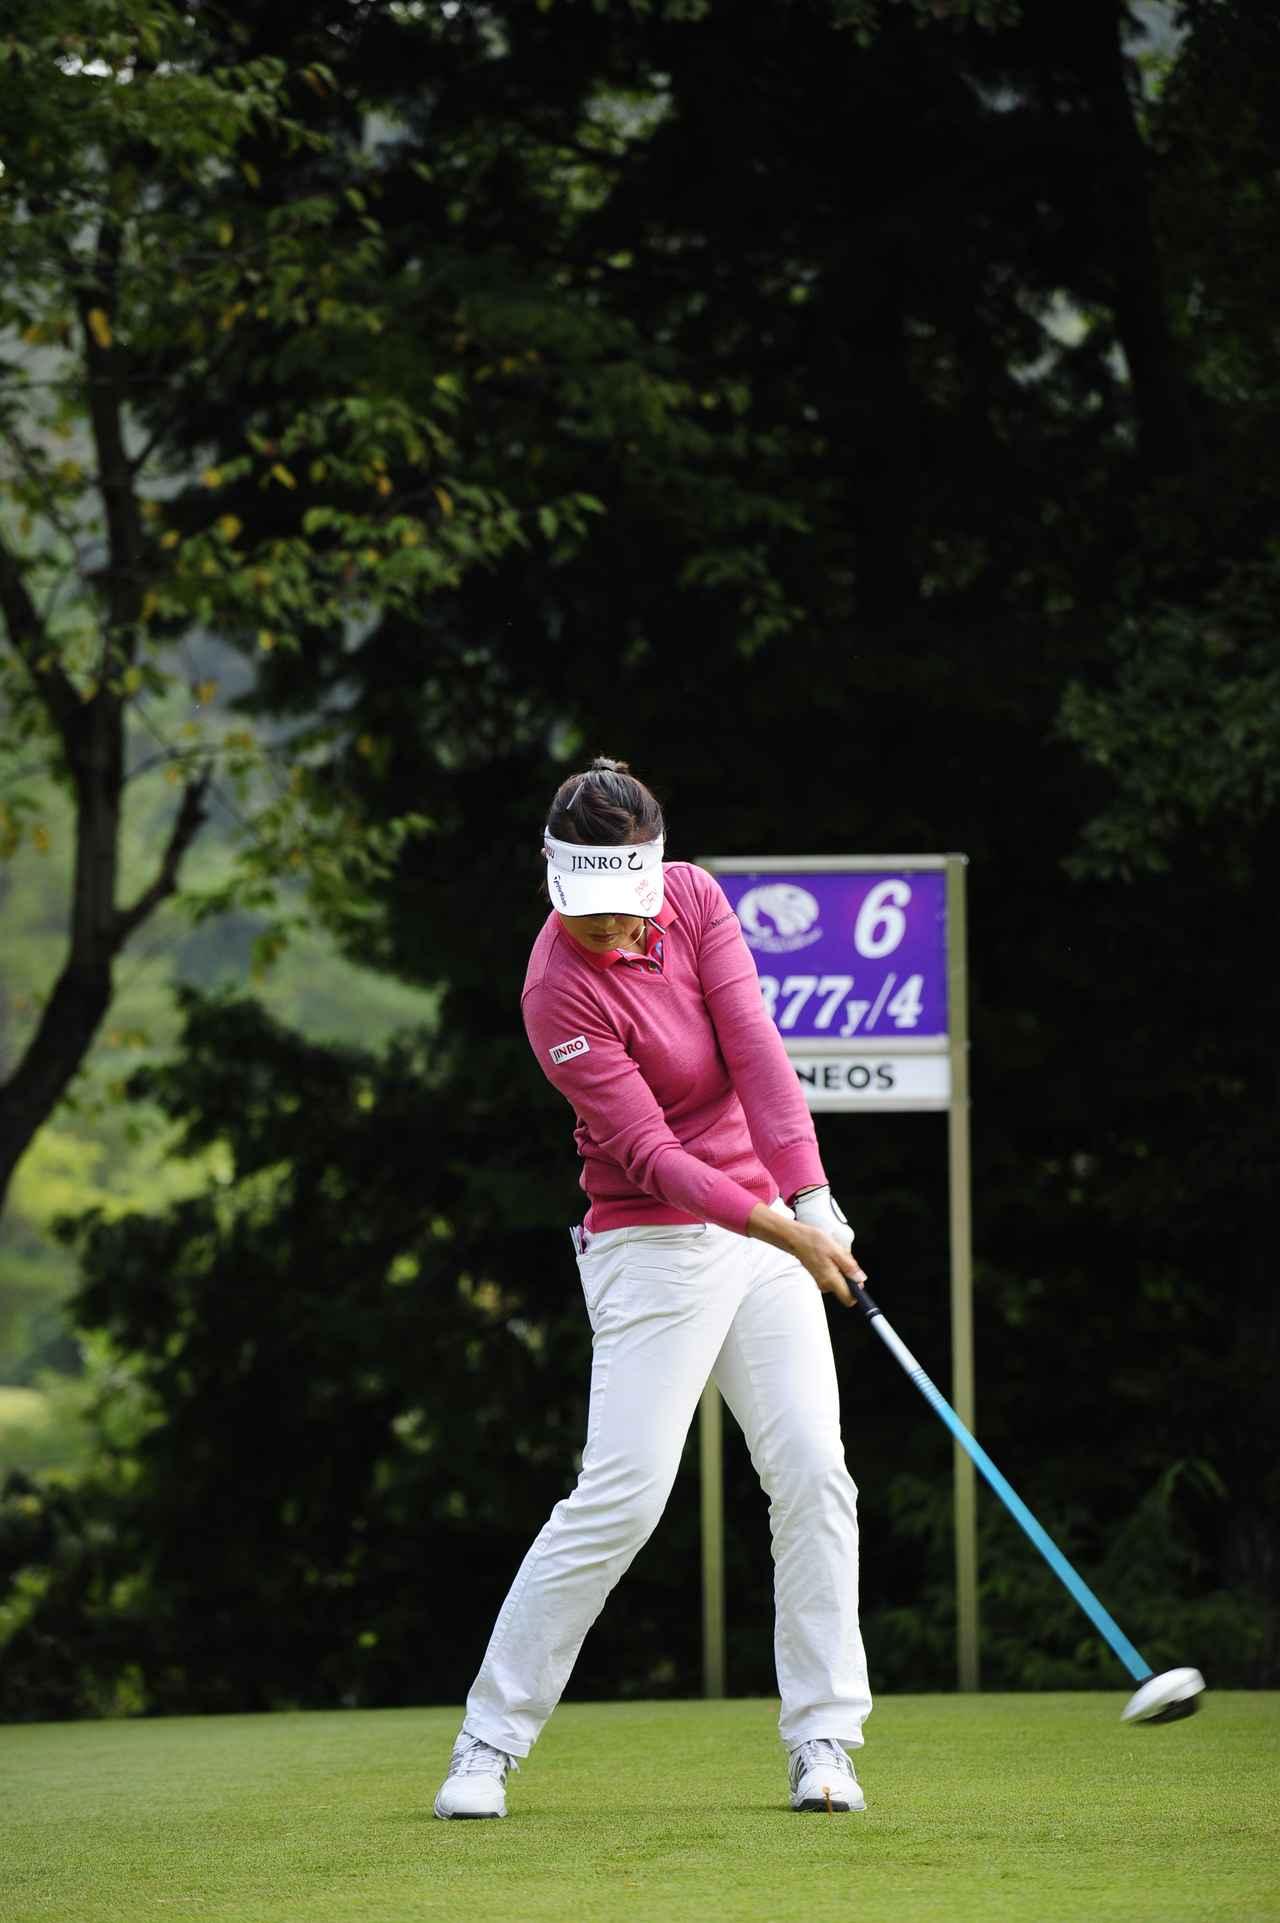 画像: フェースの向きを変えずにボールを運ぶように打つインパクト